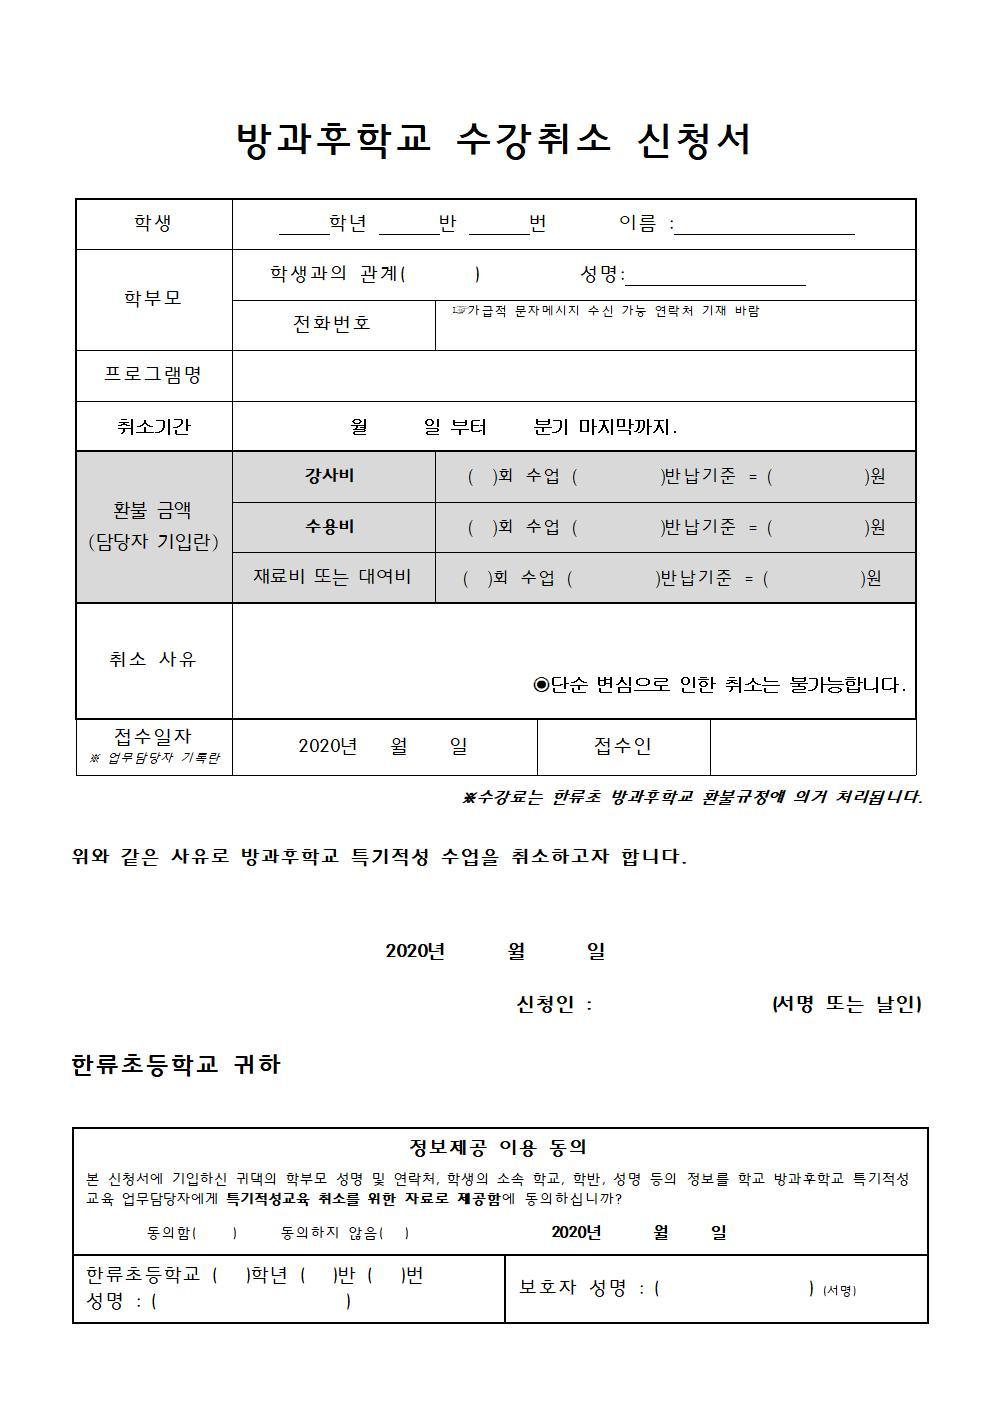 [일반] 방과후학교 수강취소 신청서(수정본)의 첨부이미지 1